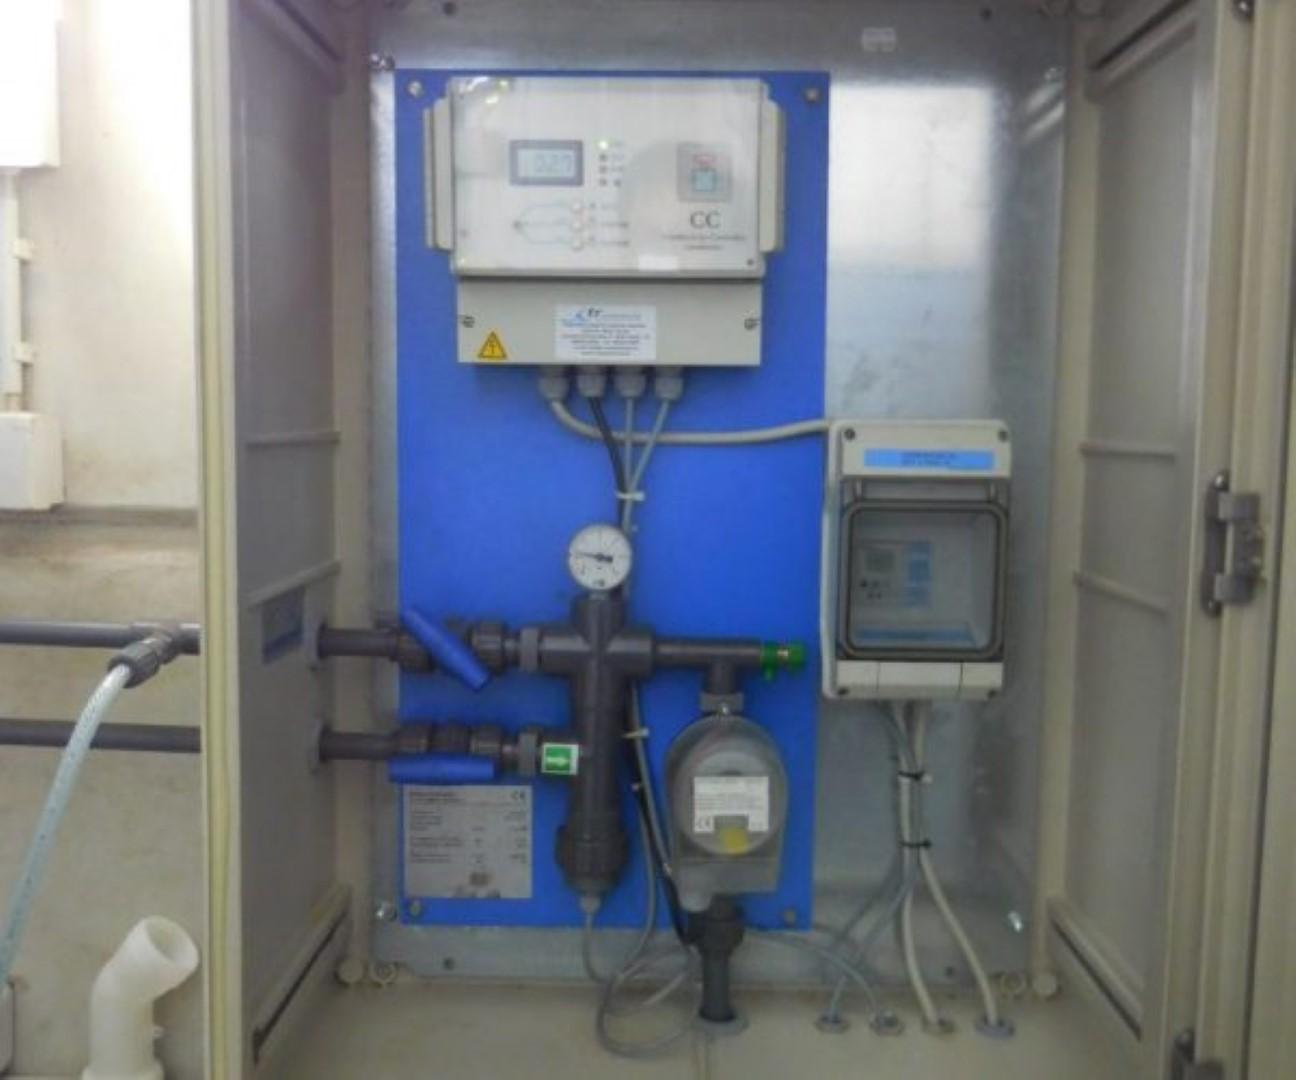 Absalzautomatik Klimaanlage